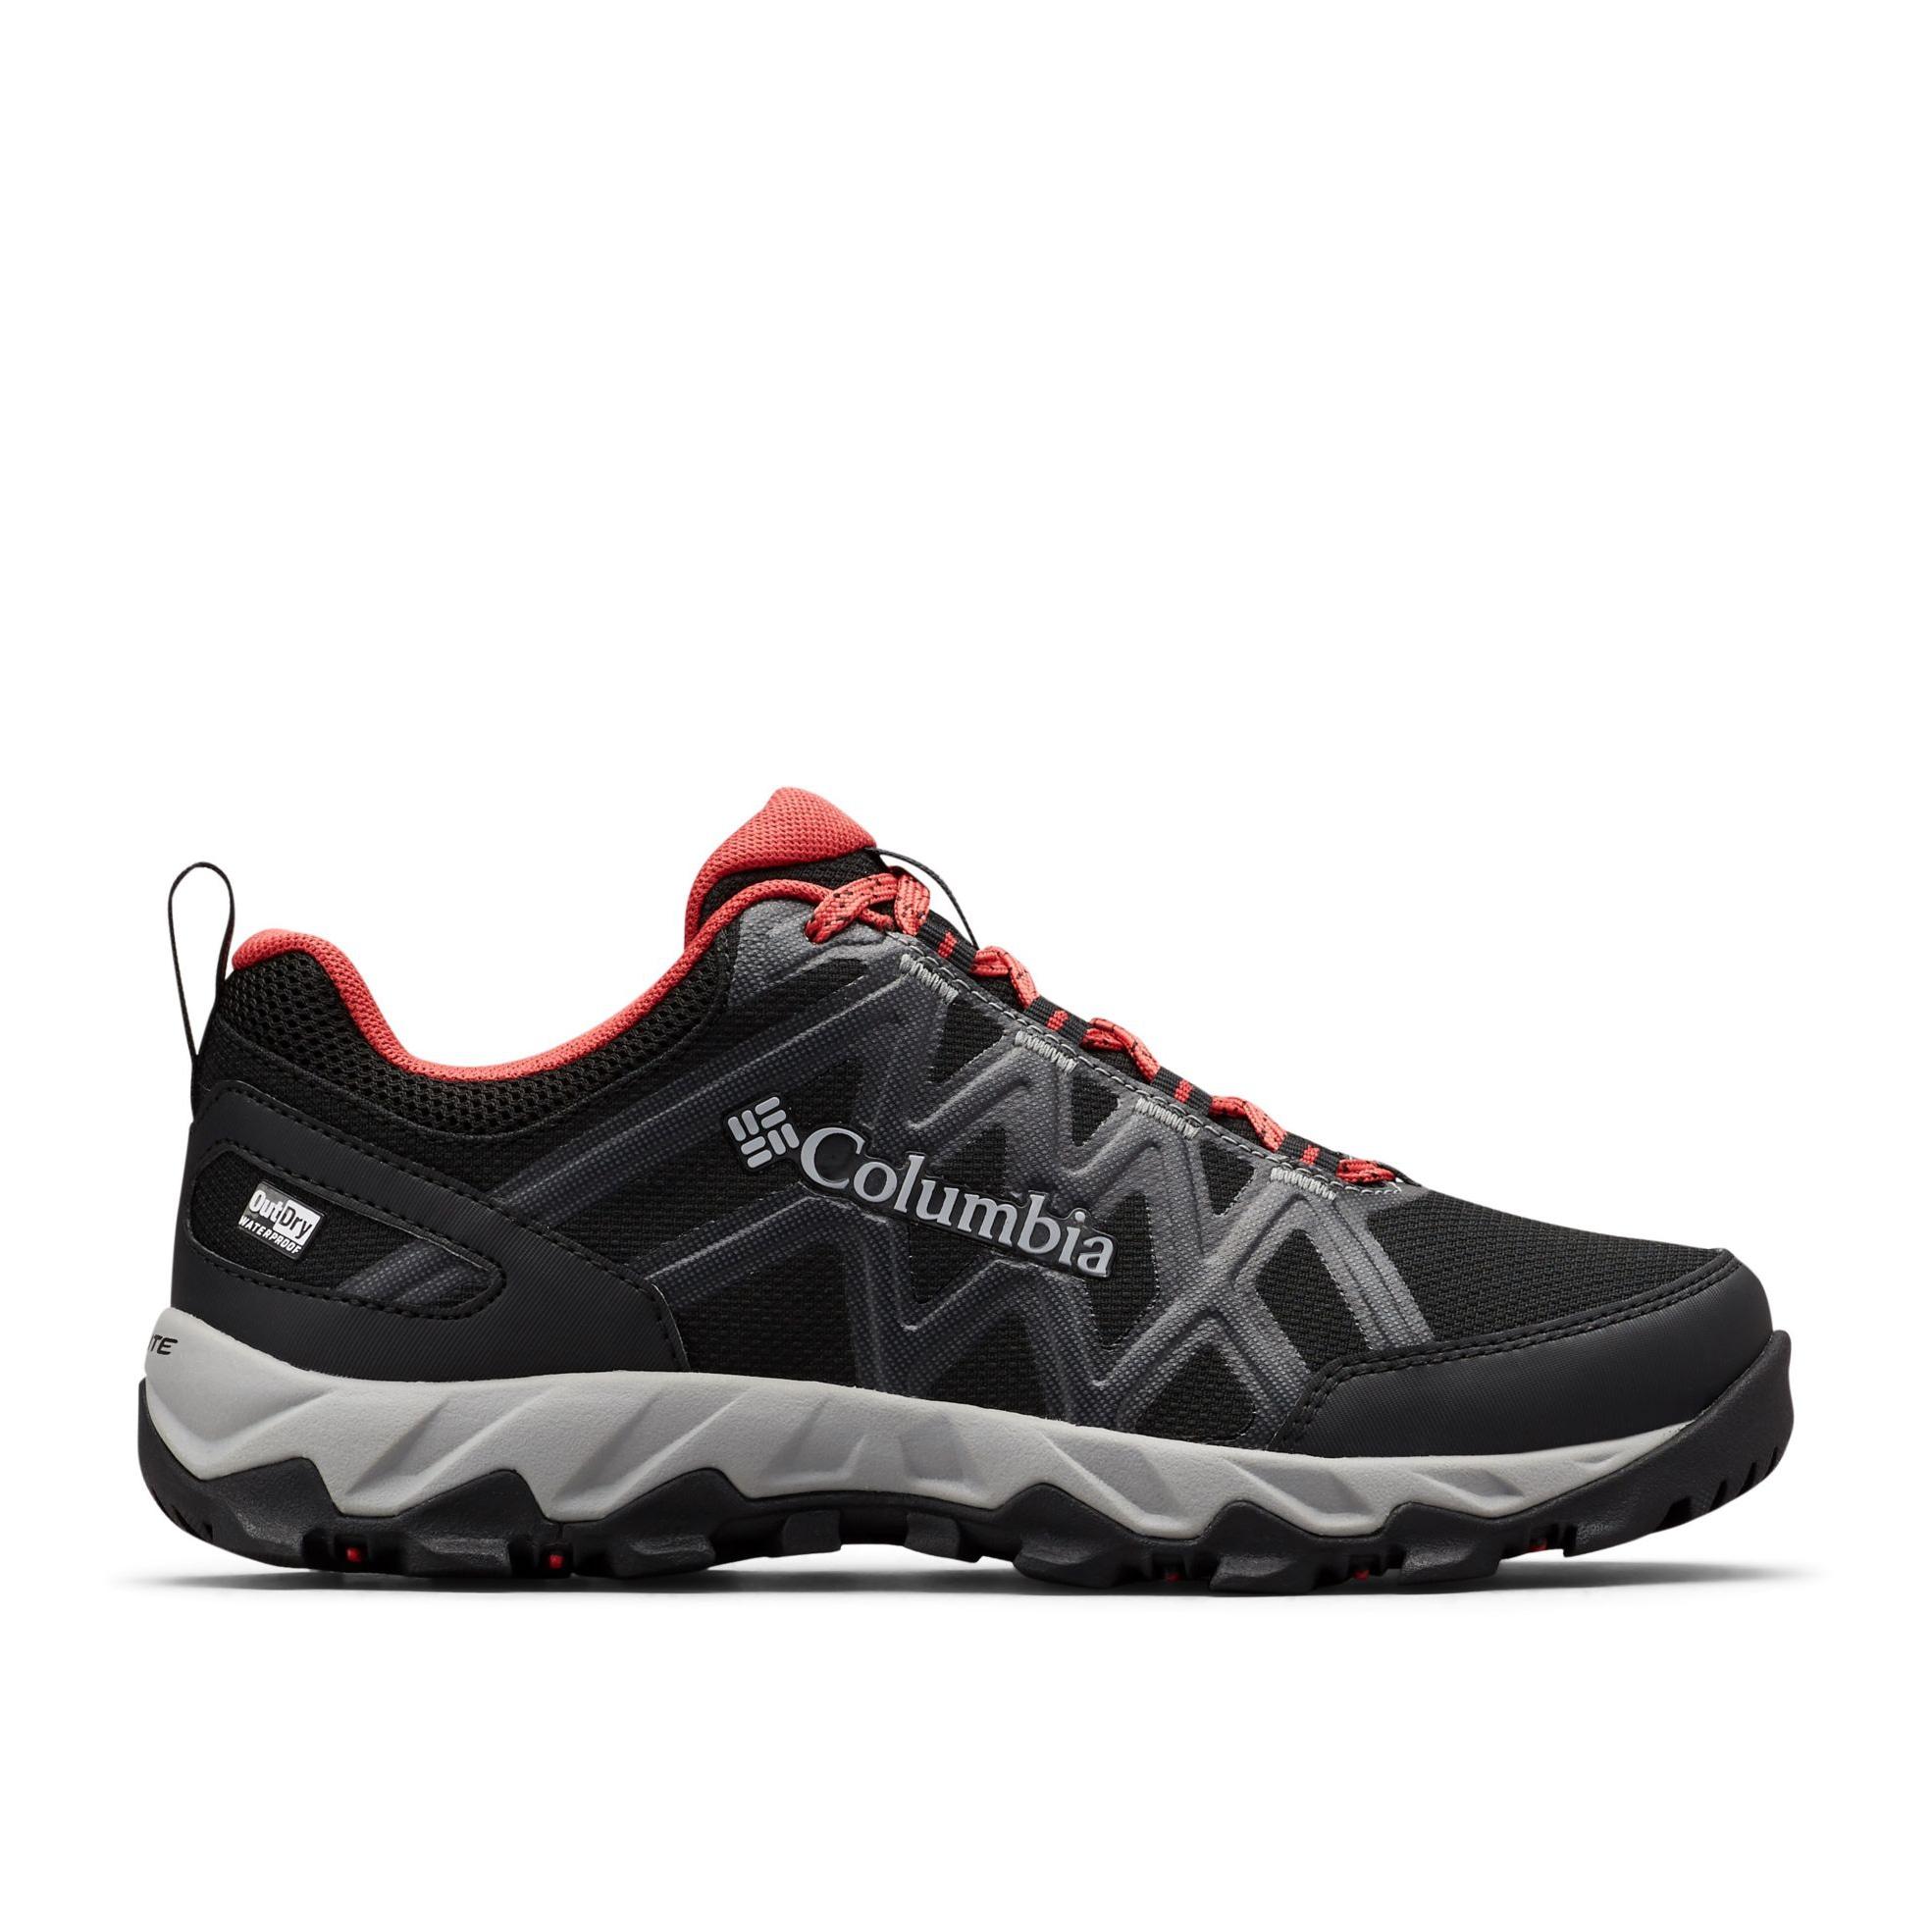 Peakfreak X2 Outdry Boot - Women's